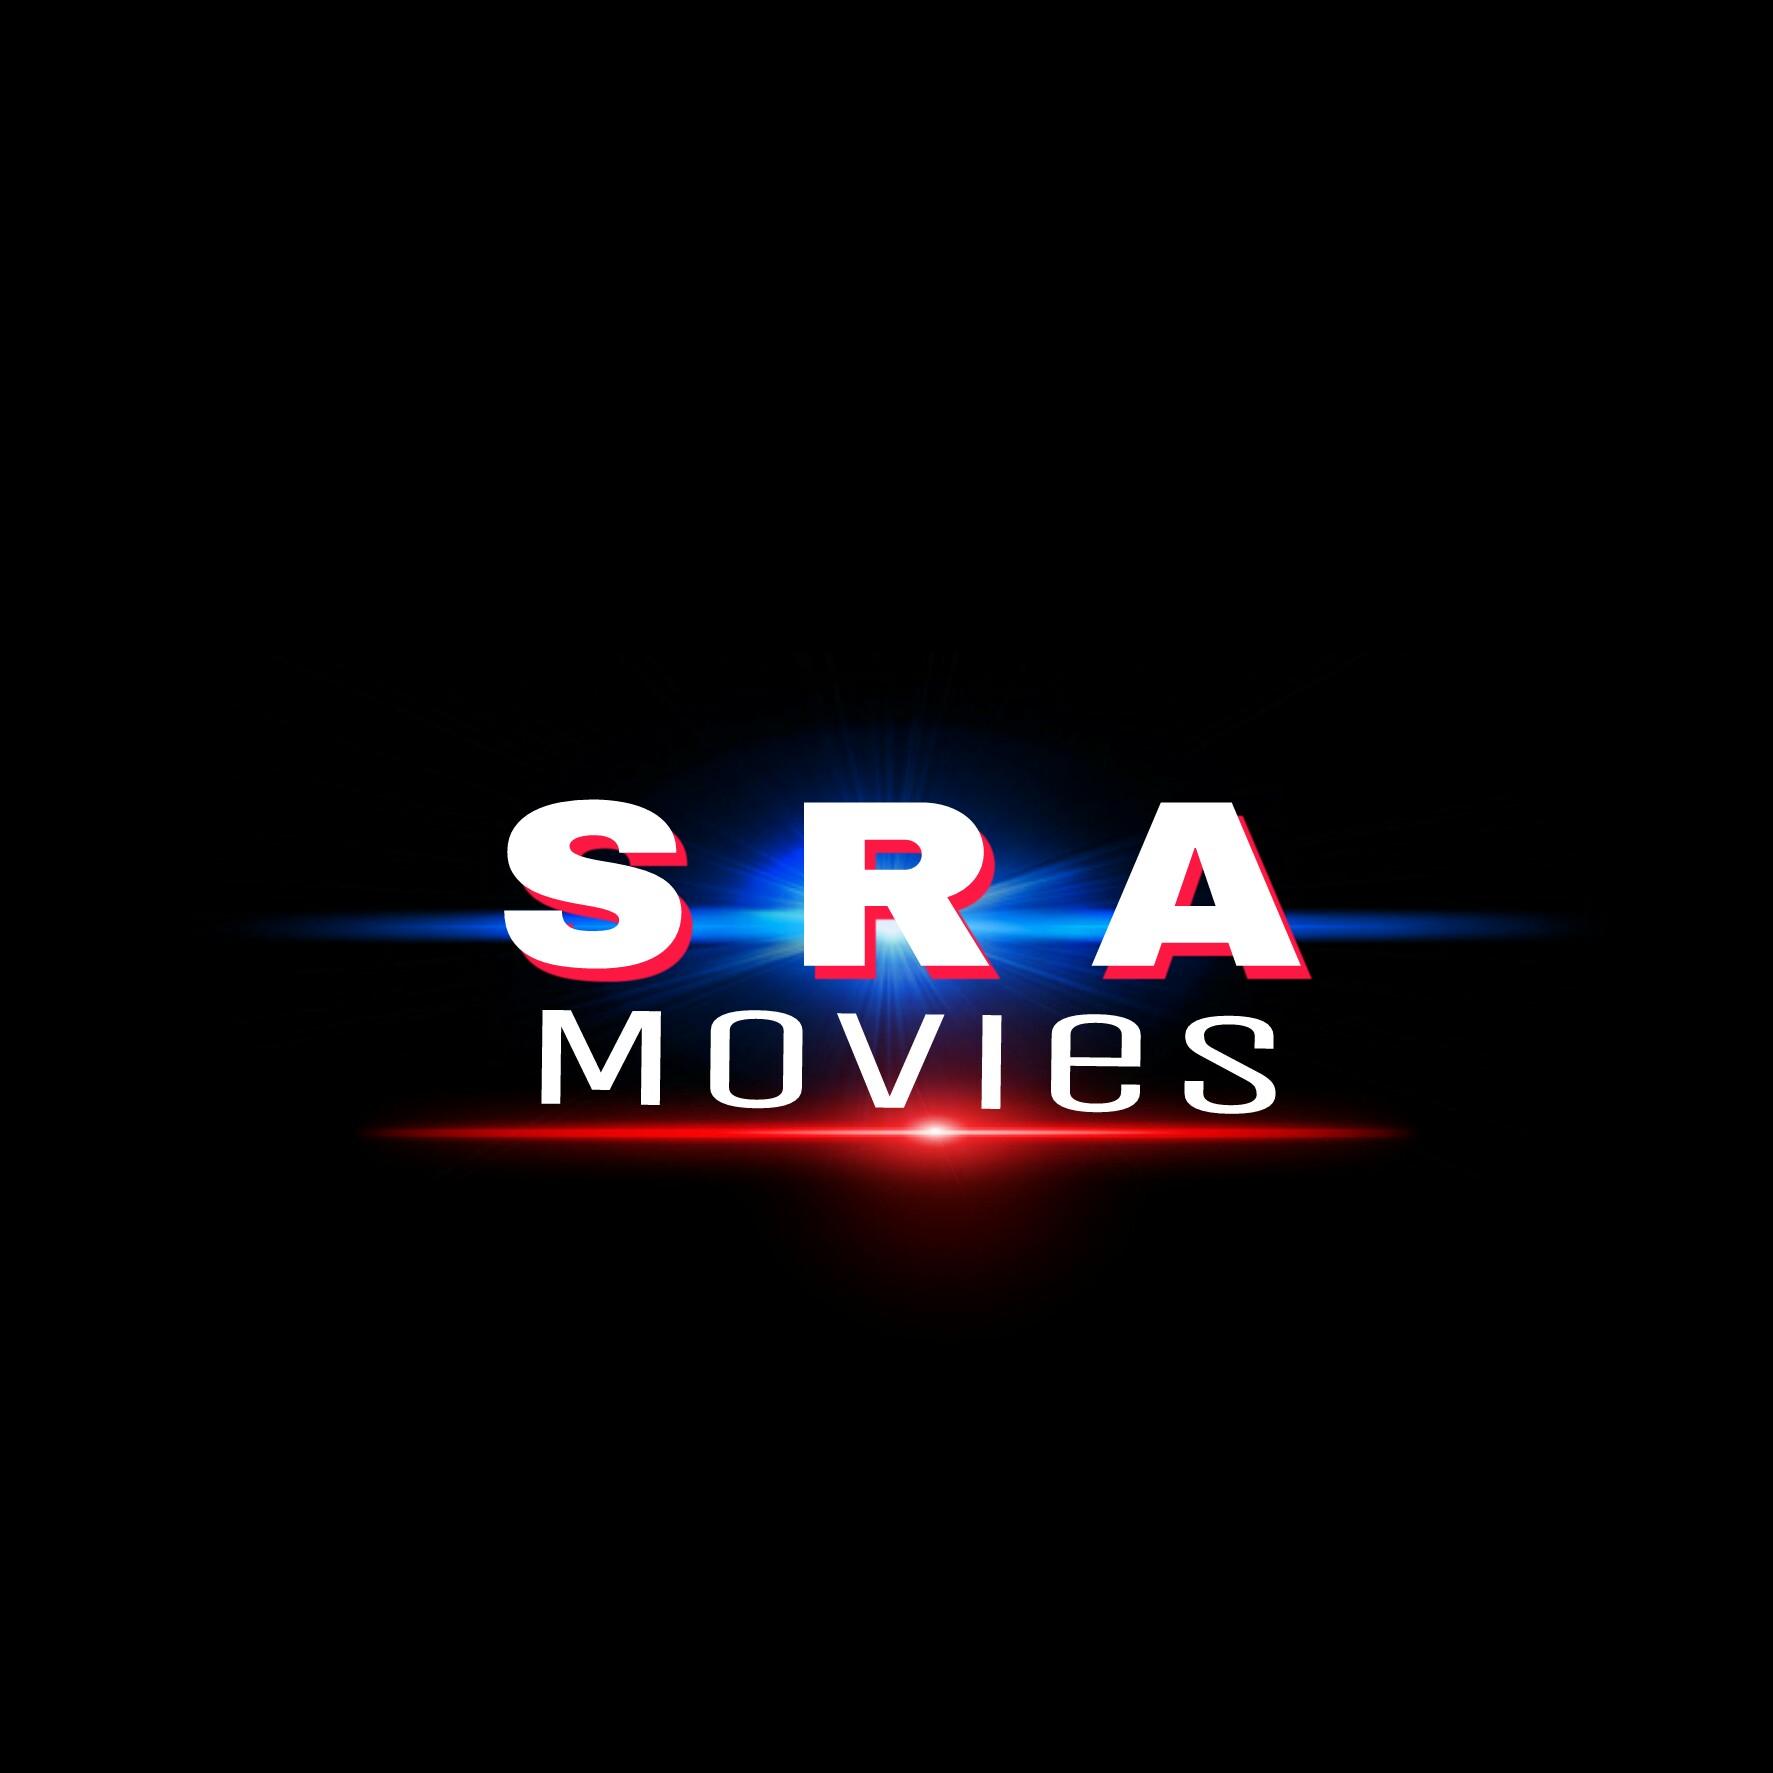 SRA movies